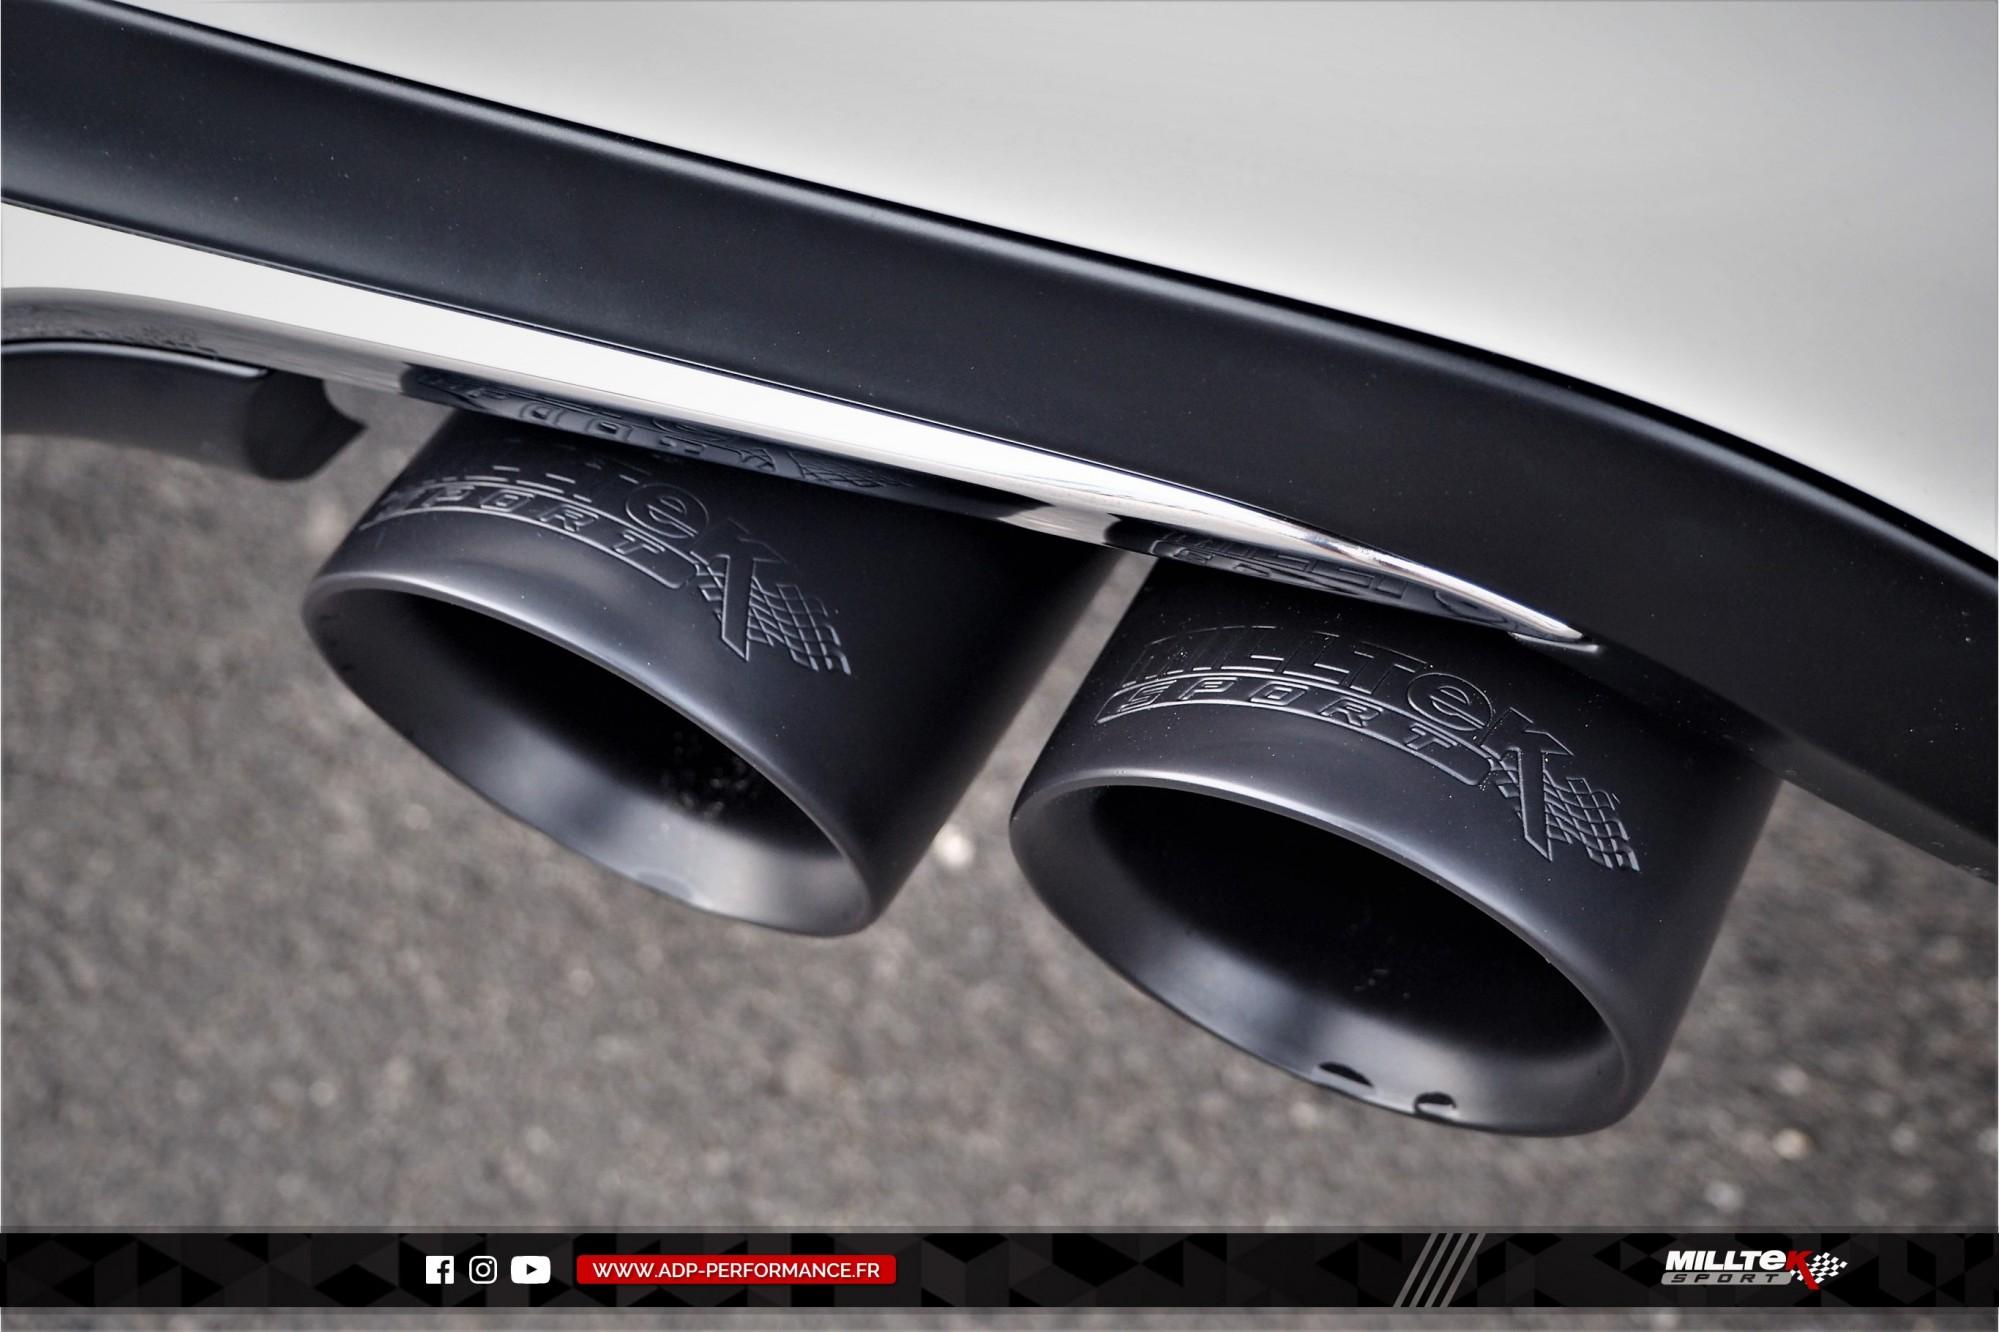 Ligne d'échappement (cat-back) Milltek Nimes - Peugeot 208 GTI 1.6 THP 208cv - ADP Performance